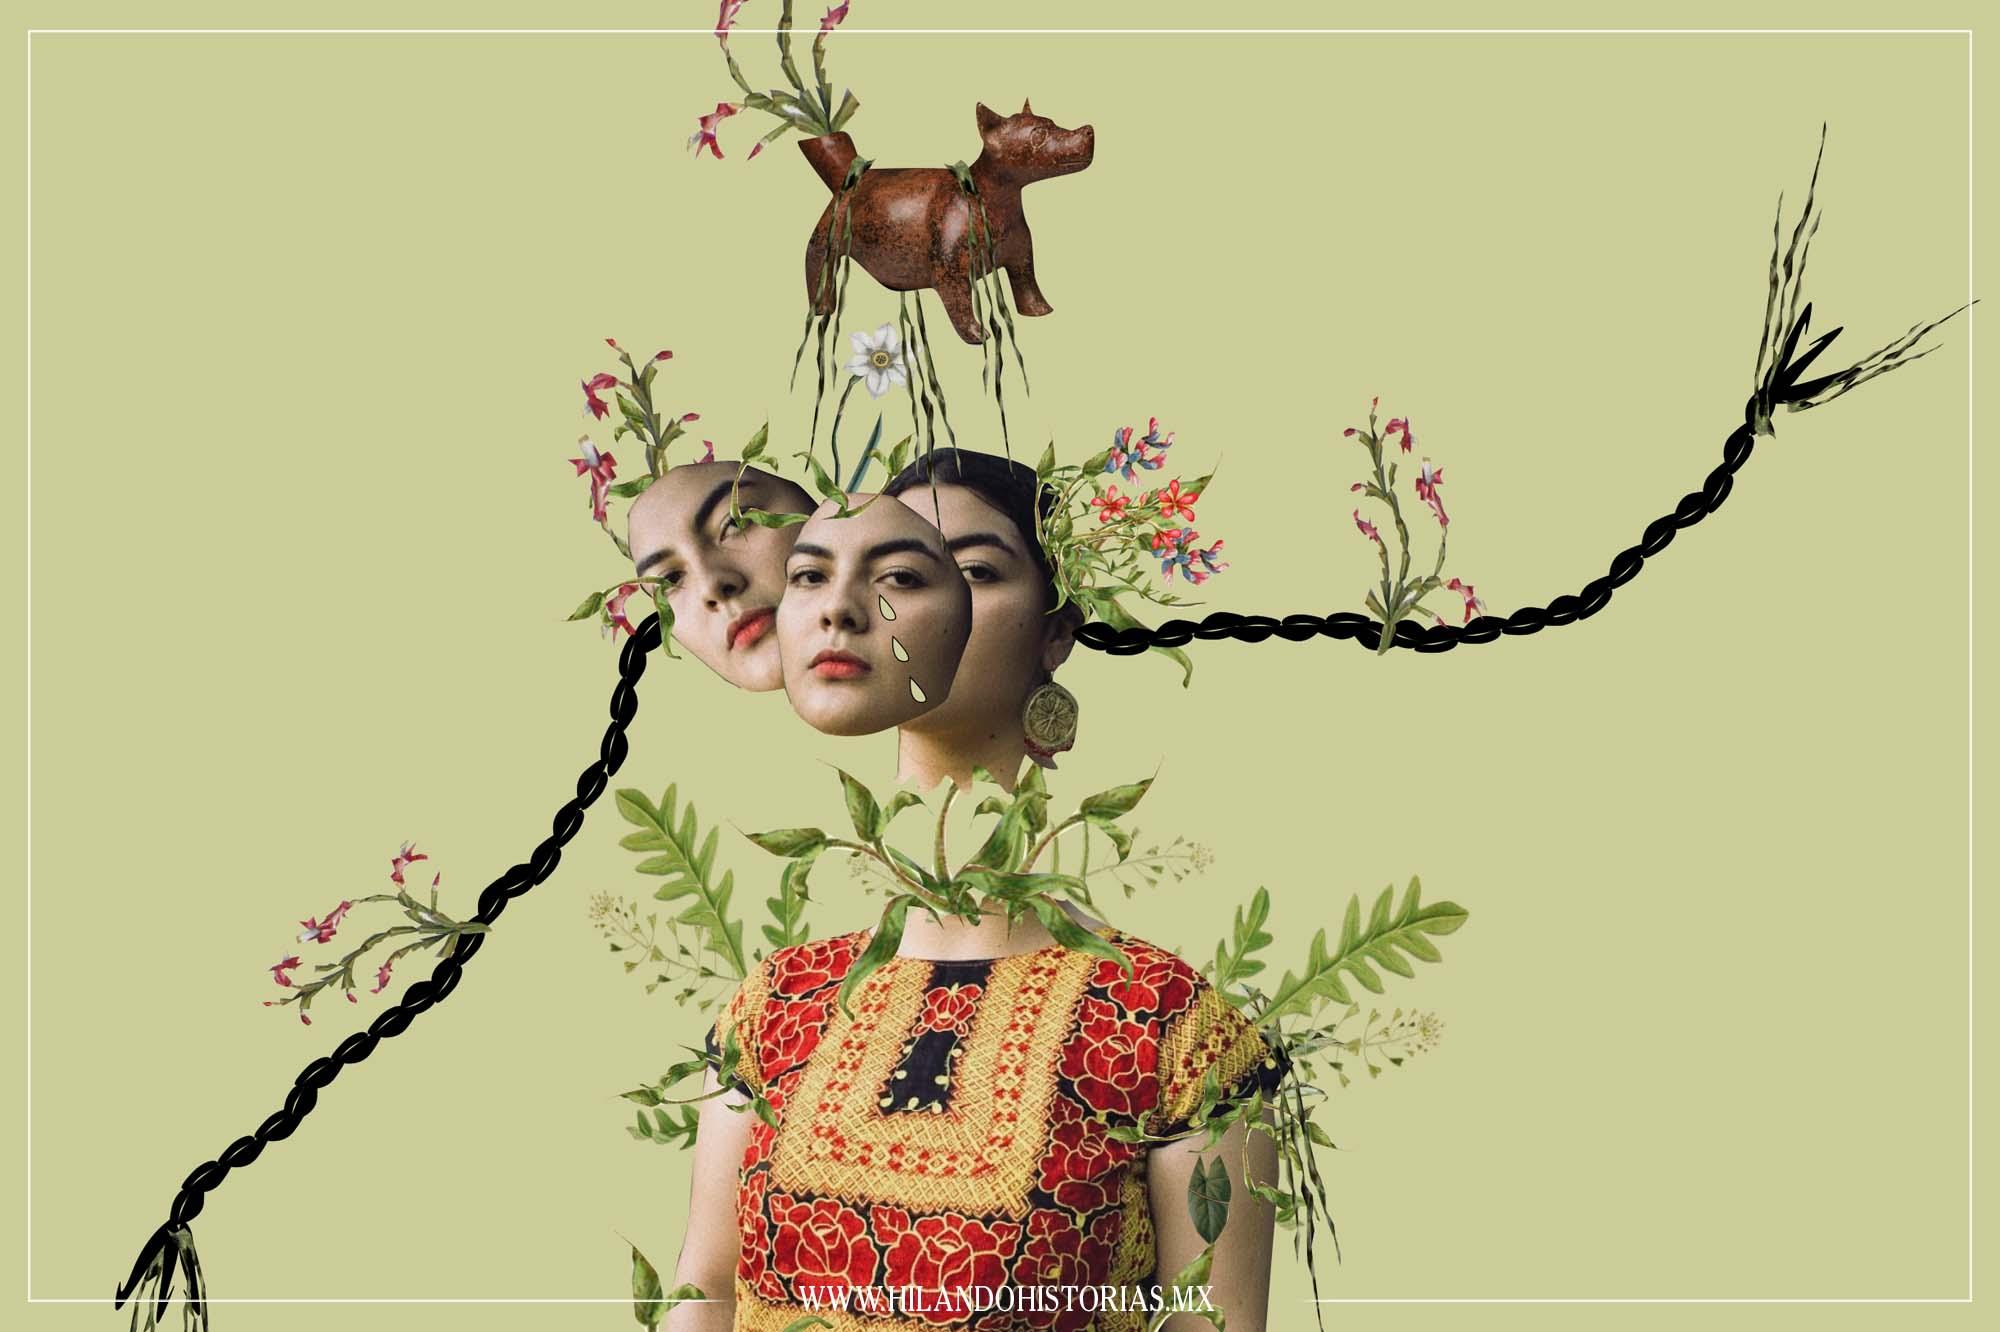 TUXAMEE. Un viaje al interior del gestor cultural y artista visual Irving Segovia